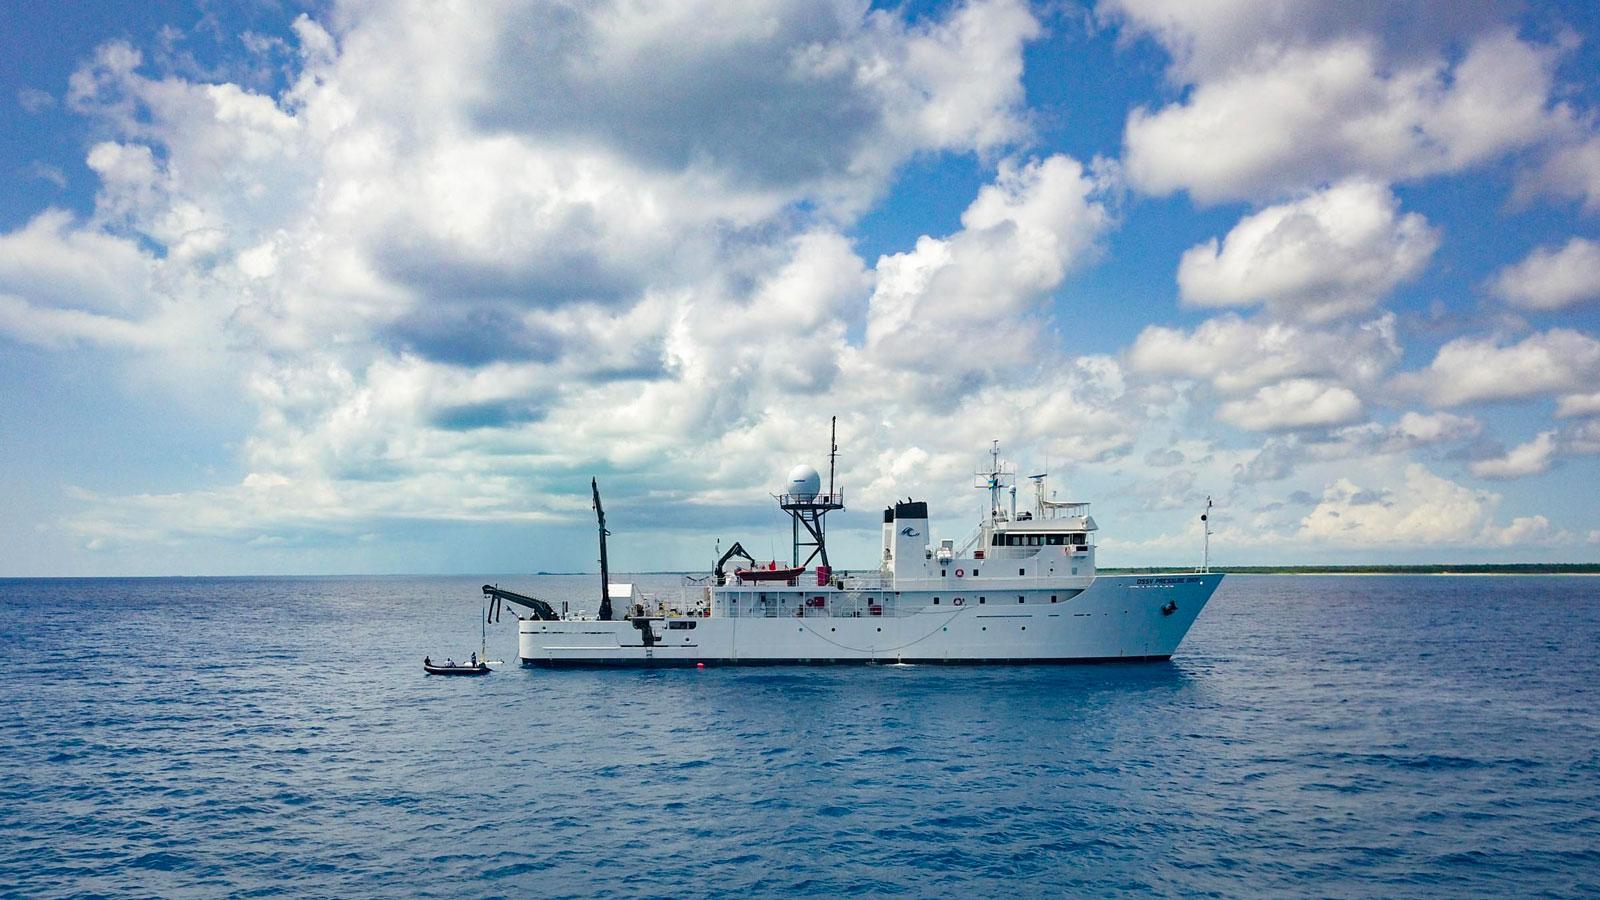 on-board-pressure-drop-explorer-victor-vescovo-five-deeps-eyos-expeditions